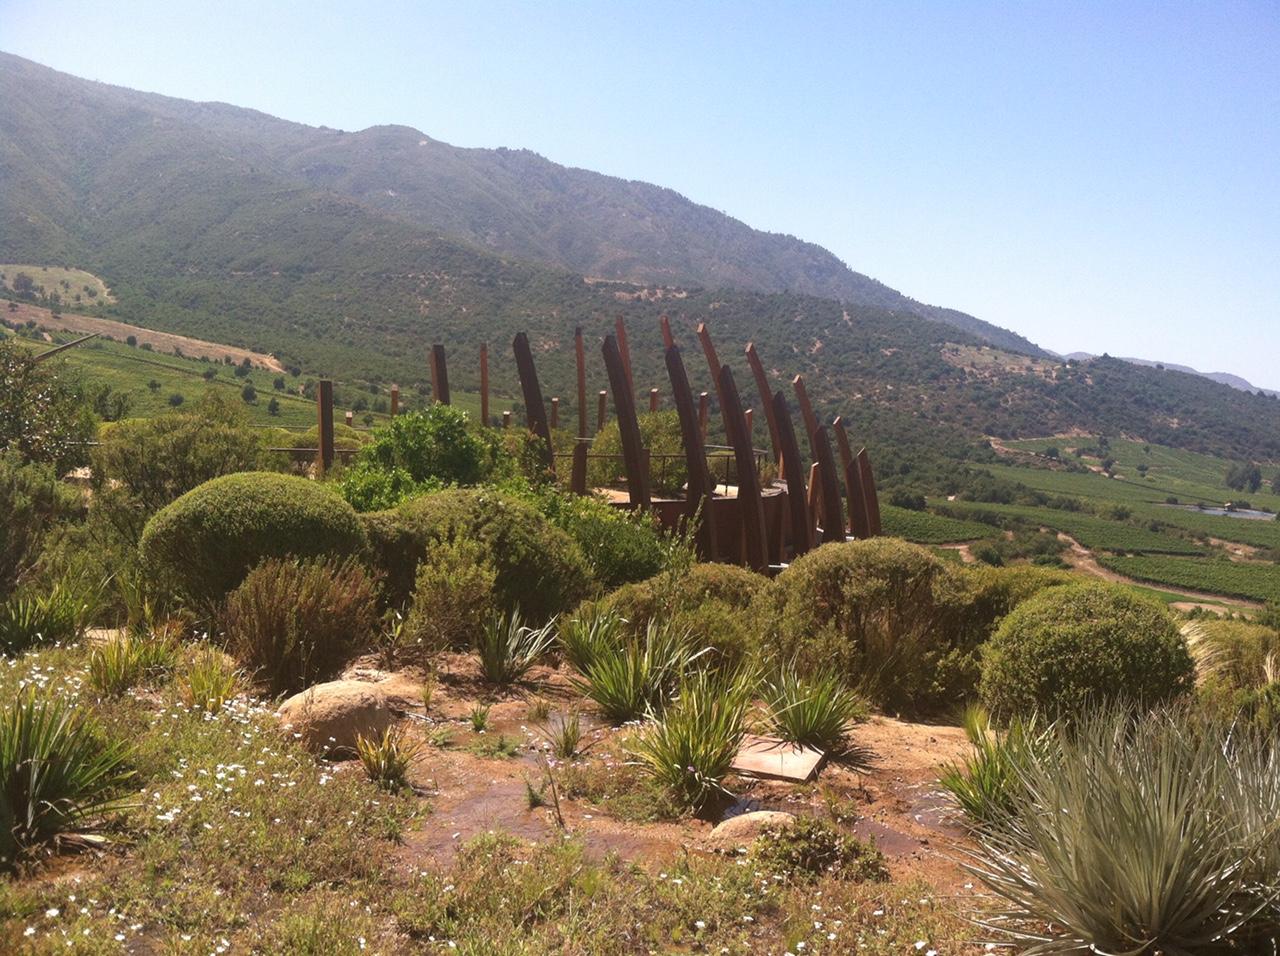 View of Clos Apalta Winery